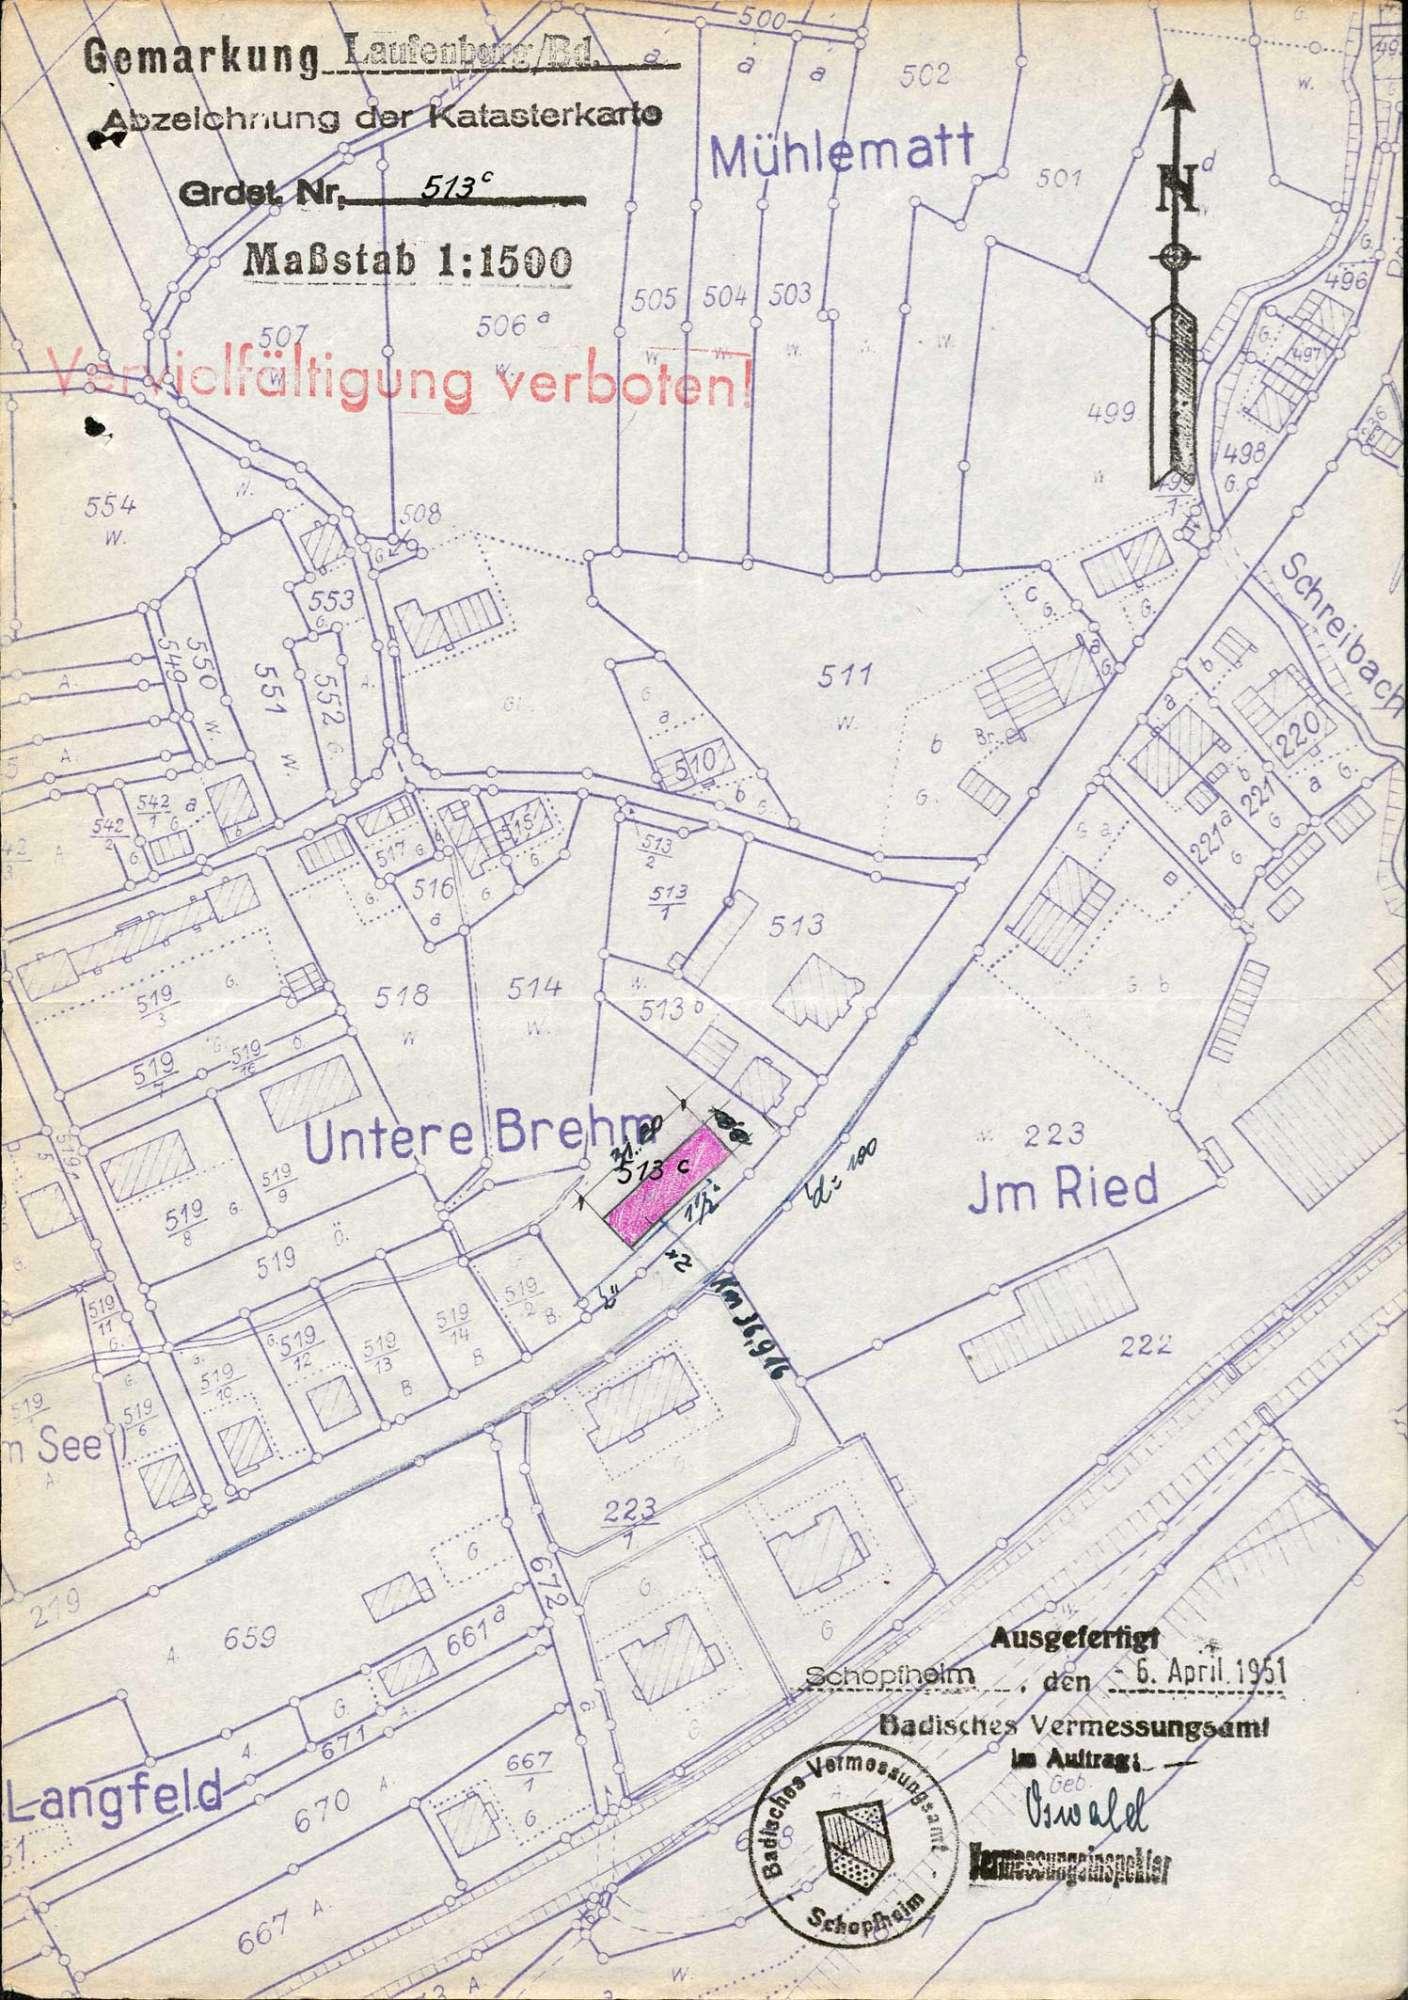 Gesuch der Gemeinnützigen Baugenossenschaft an das Straßenbauamt Lörrach um Aufbrechung der Bundesstraßen 219 und 34 zwecks Verlegung der Wasserleitung in Laufenburg (Baden), Bild 2